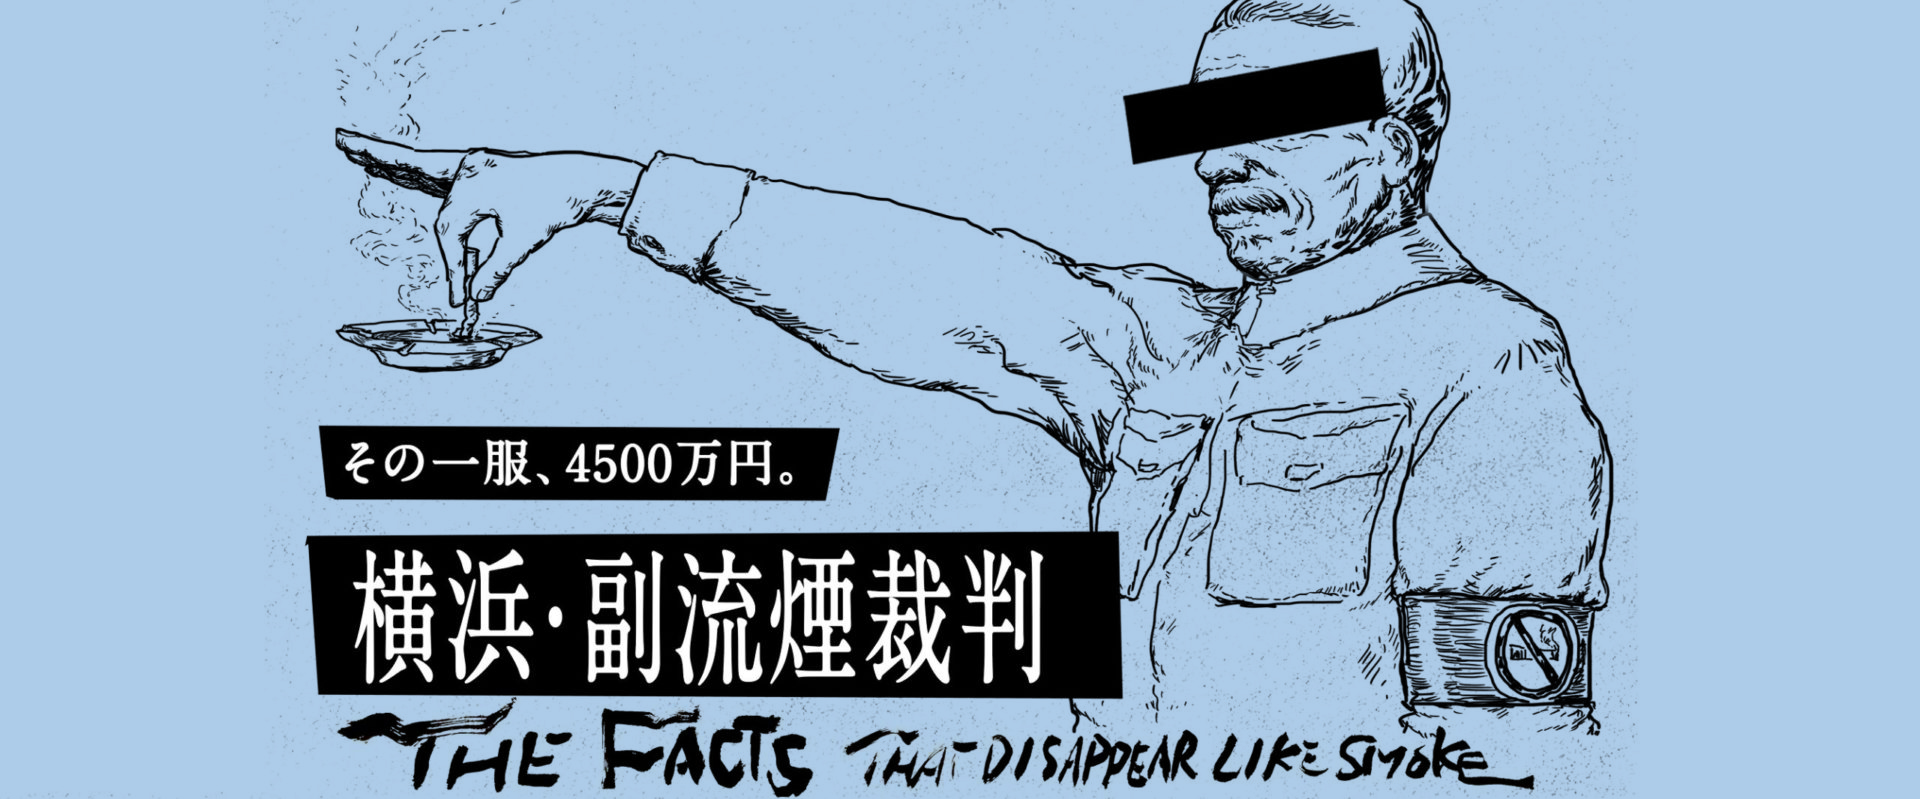 ジャーナリスト黒薮哲哉氏による『横浜副流煙裁判・報告会』前半(基調講演)